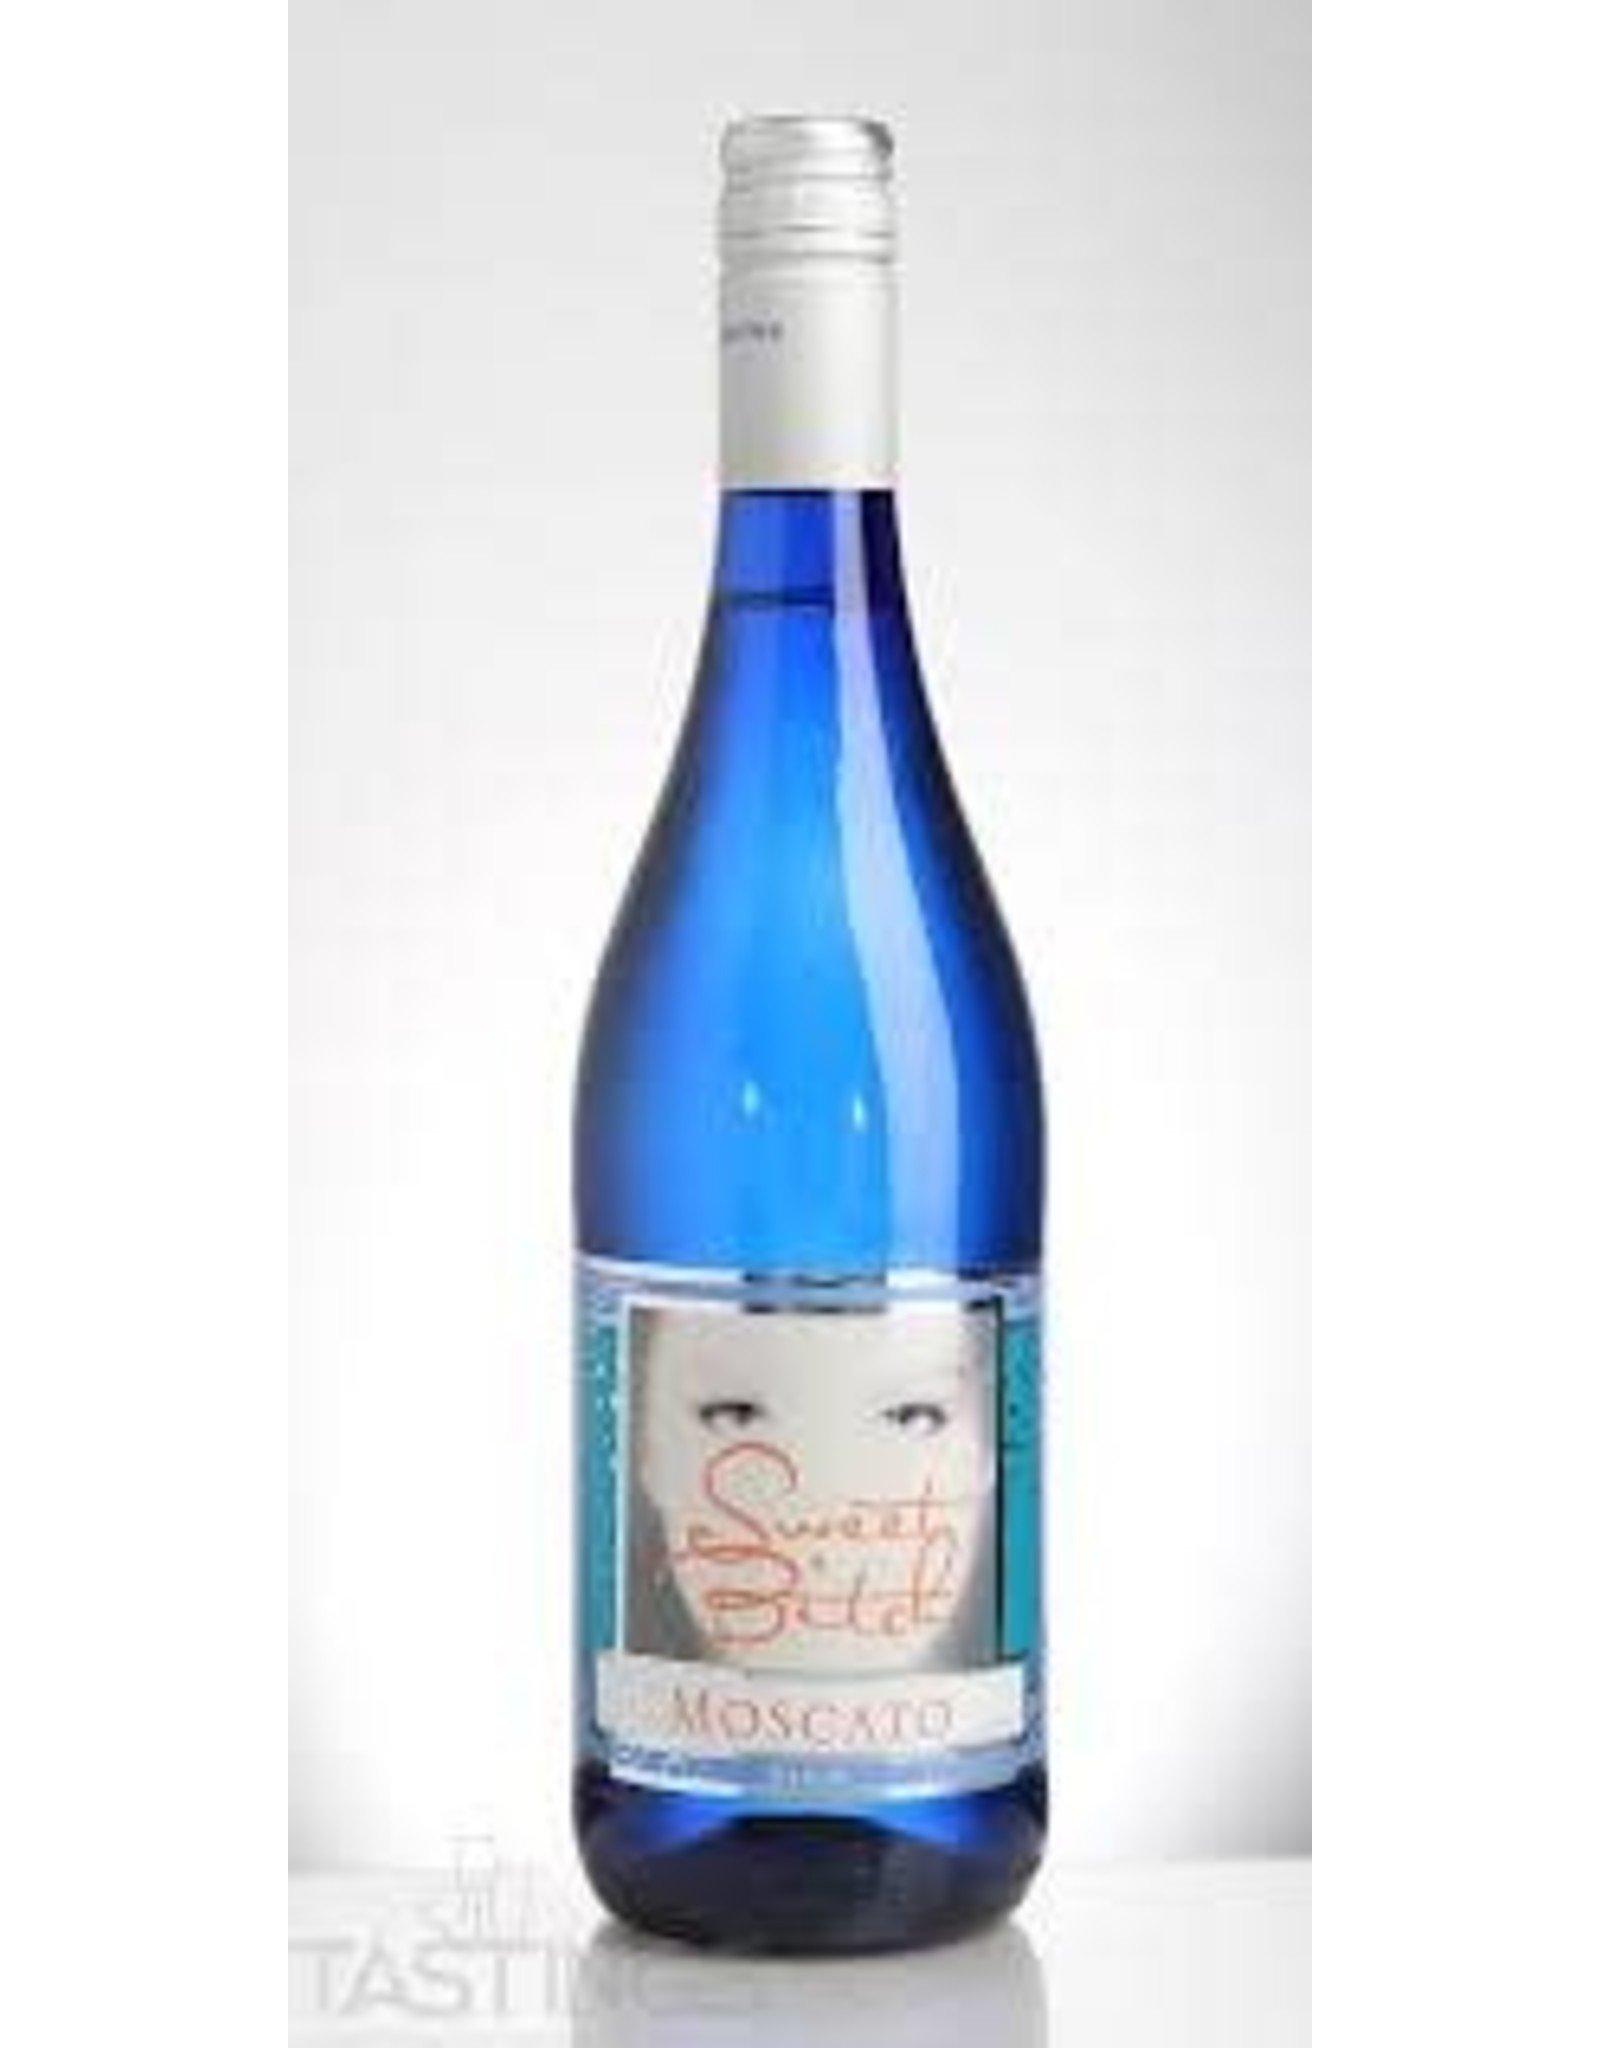 SWEET BITCH MOSCATO BLUE BOTTLE 750ML